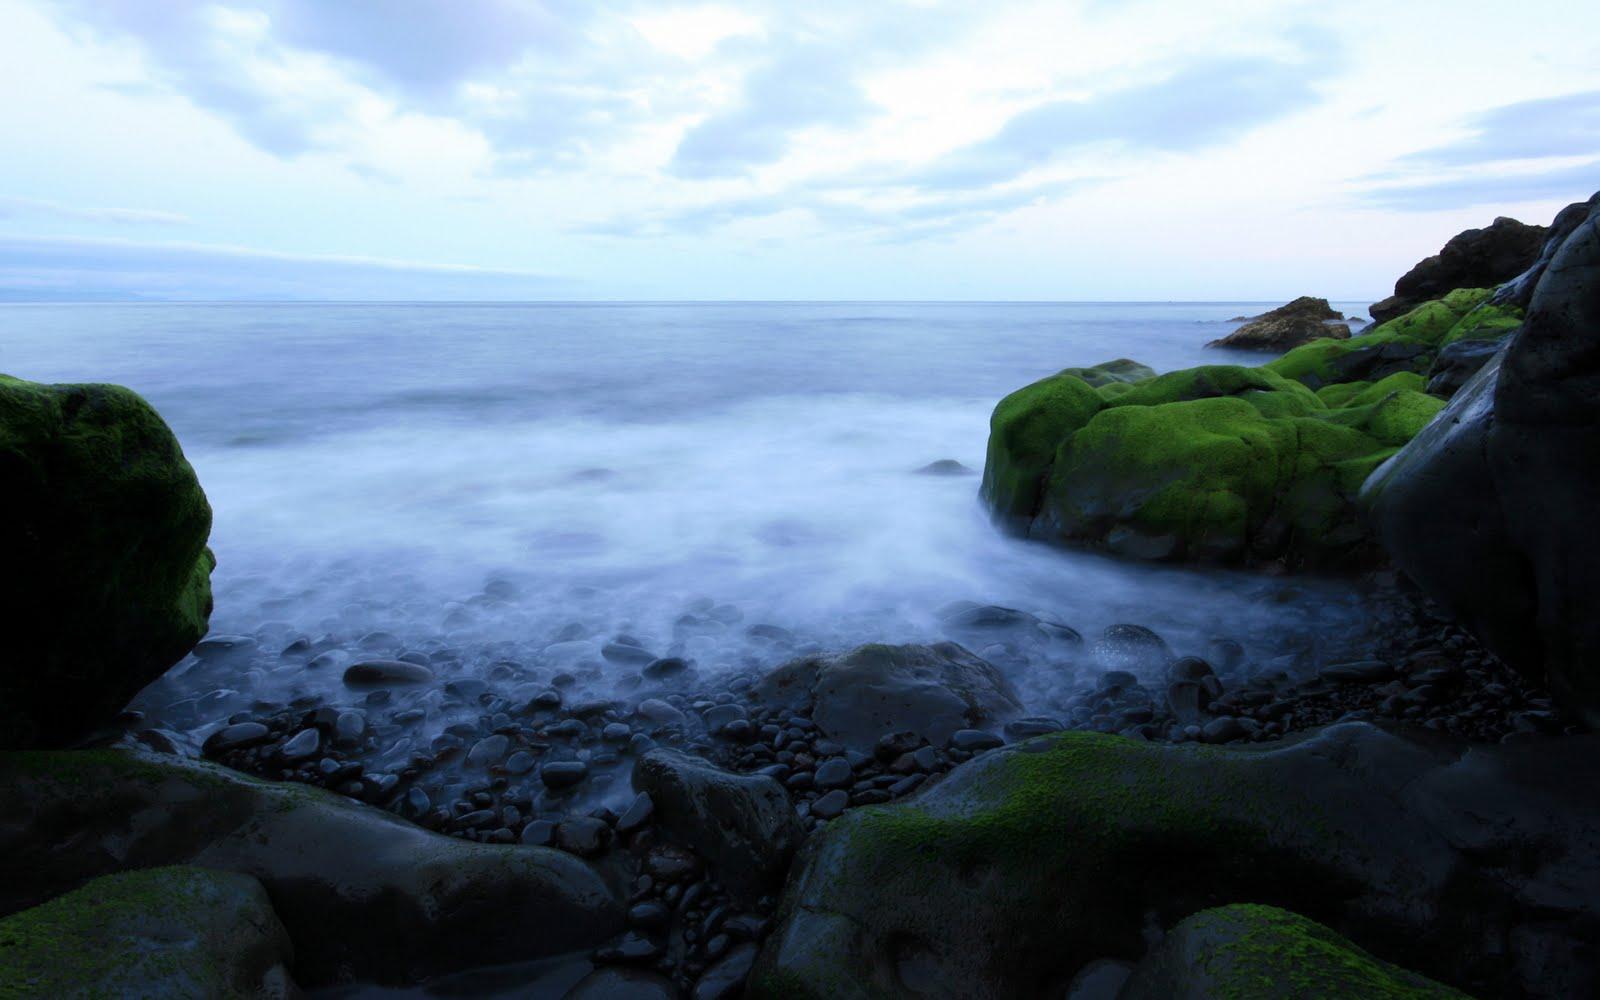 http://4.bp.blogspot.com/-loLnCPyaPZk/TeG30g-4GcI/AAAAAAAAAH0/ydtiHRdIvXI/s1600/BEautFull+Water+Scenery+Wallpapers+%252813%2529.jpg